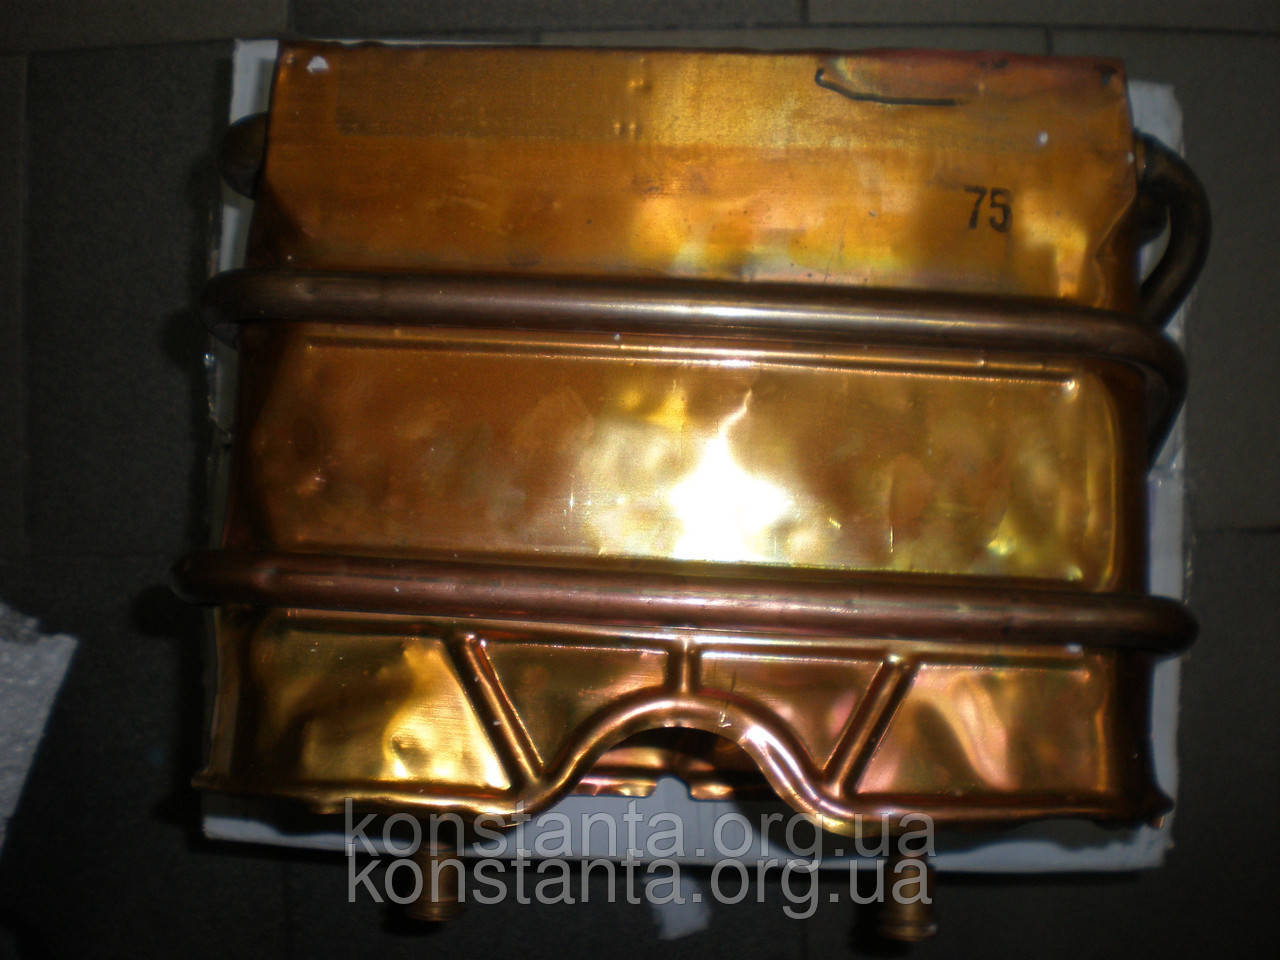 Уплотнения теплообменника Sondex S67 Челябинск